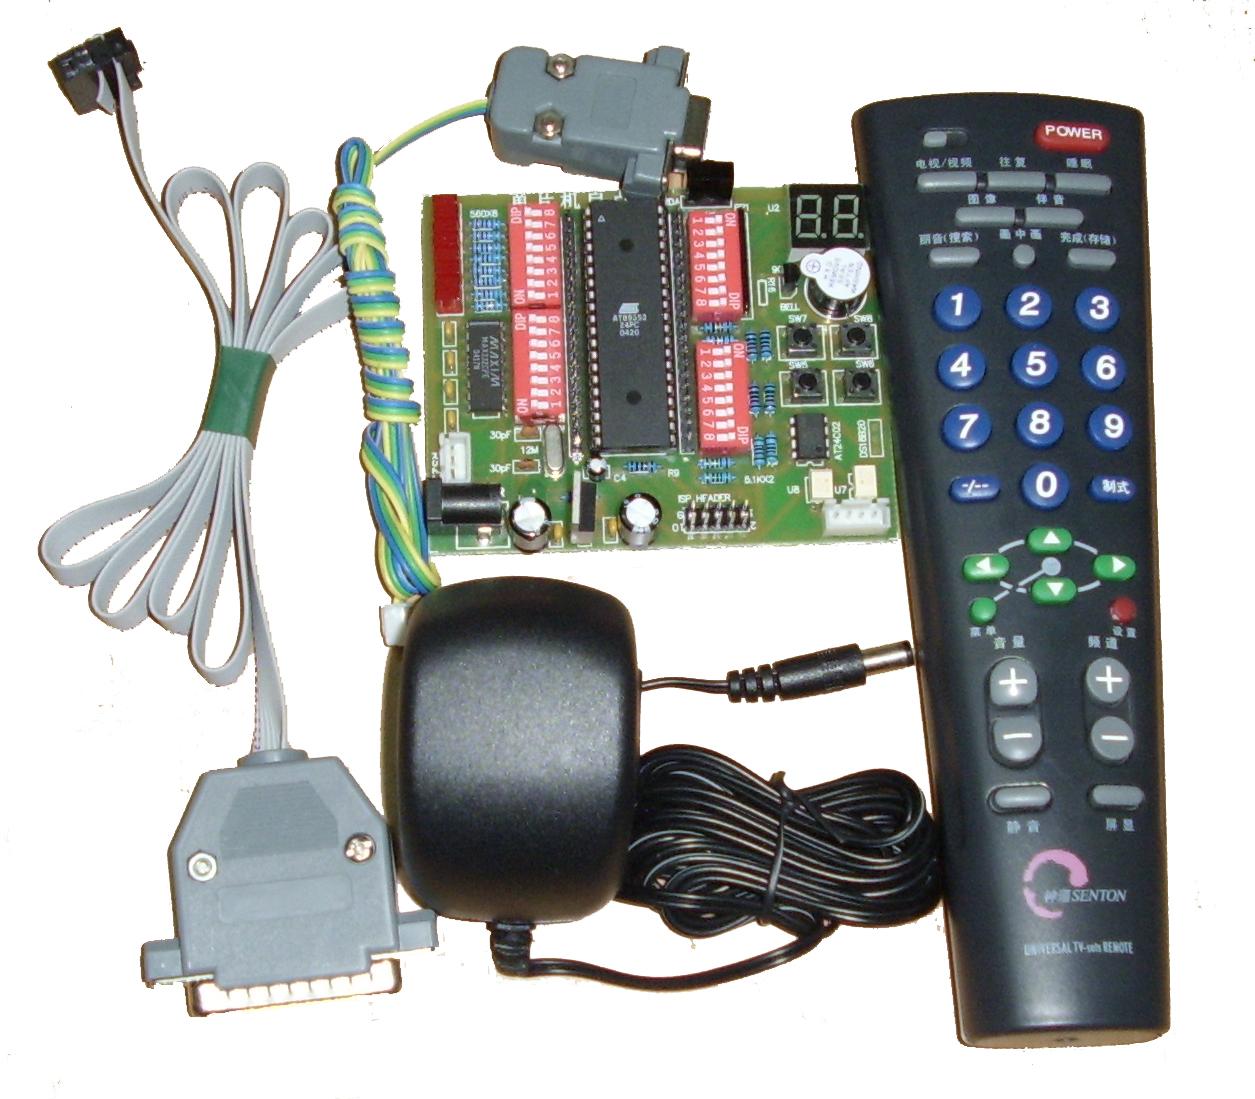 红外线遥控是目前使用最广泛的一种通信和遥控手段。由于红外线遥控装置具有体积小、功耗低、功能强、成本低等特点,因而,继彩电、录像机之后,在录音机、音响设备、空凋机以及玩具等其它小型电器装置上也纷纷采用红外线遥控。工业设备中,在高压、辐射、有毒气体、粉尘等环境下,采用红外线遥控不仅完全可靠而且能有效地隔离电气干扰。 1 红外遥控系统 通用红外遥控系统由发射和接收两大部分组成,应用编/解码专用集成电路芯片来进行控制操作,如图1所示。发射部分包括键盘矩阵、编码调制、LED红外发送器;接收部分包括光、电转换放大器、